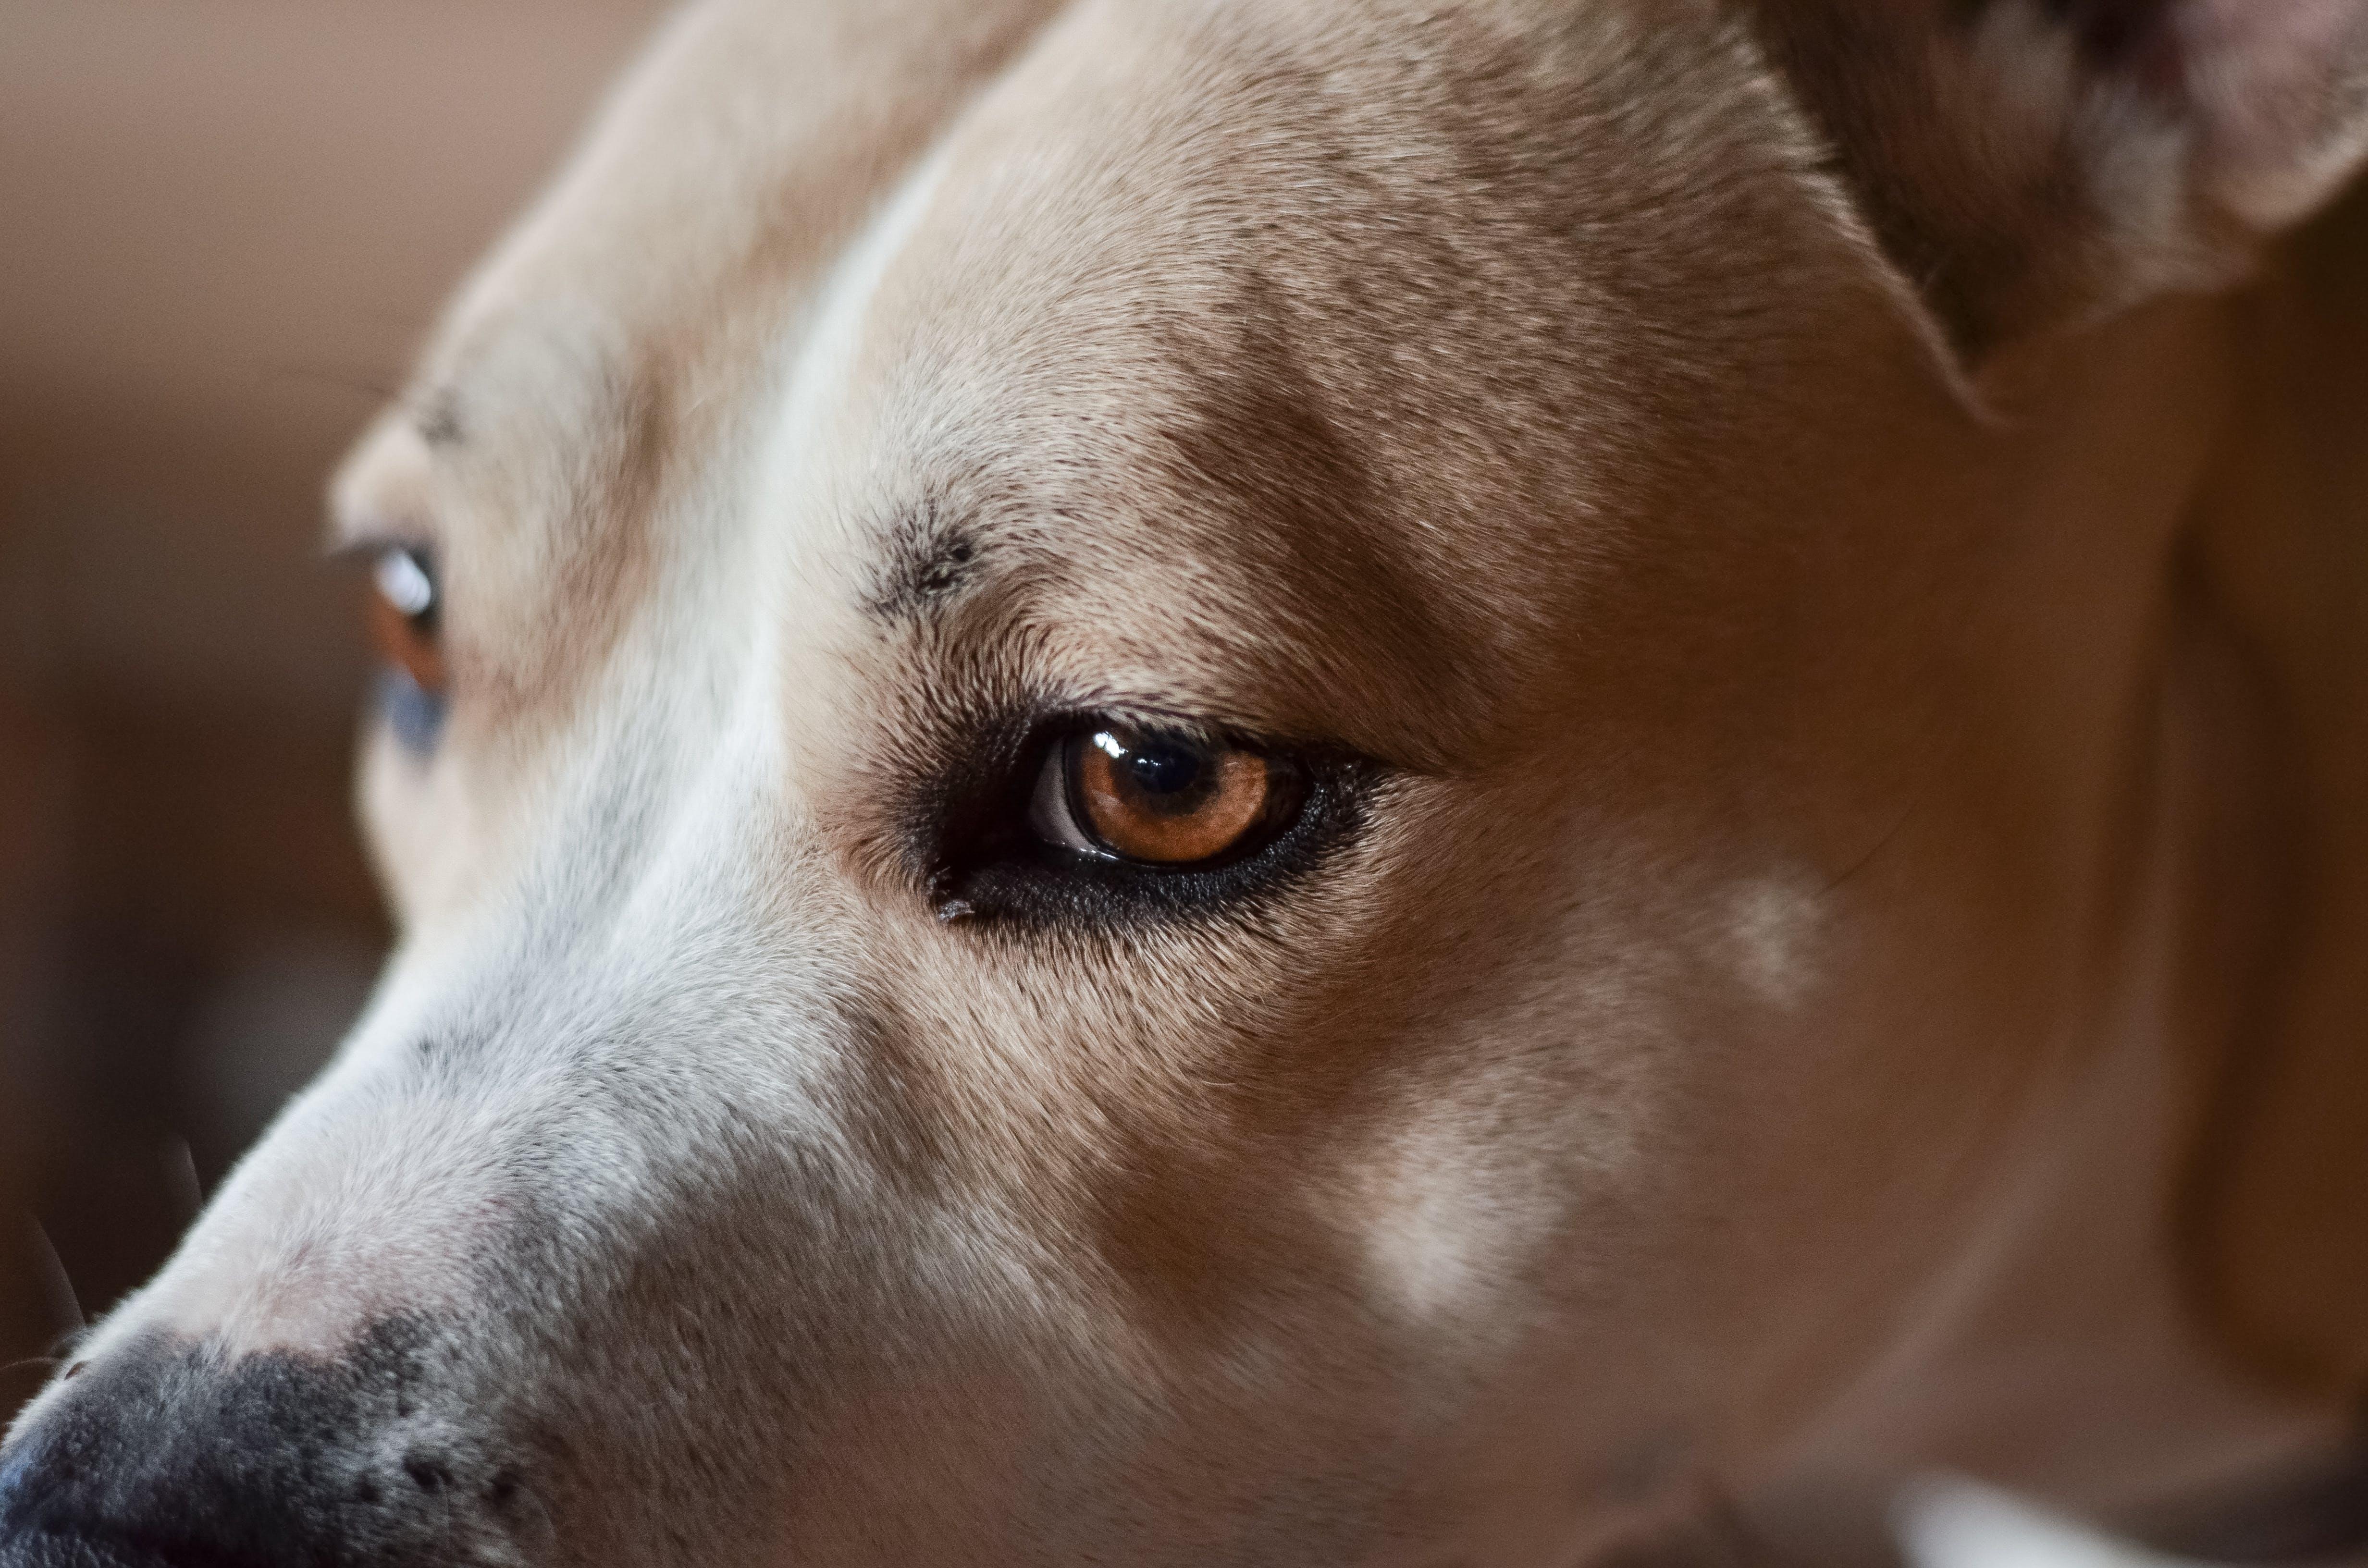 Close Up Photo of Adult Tan Dog